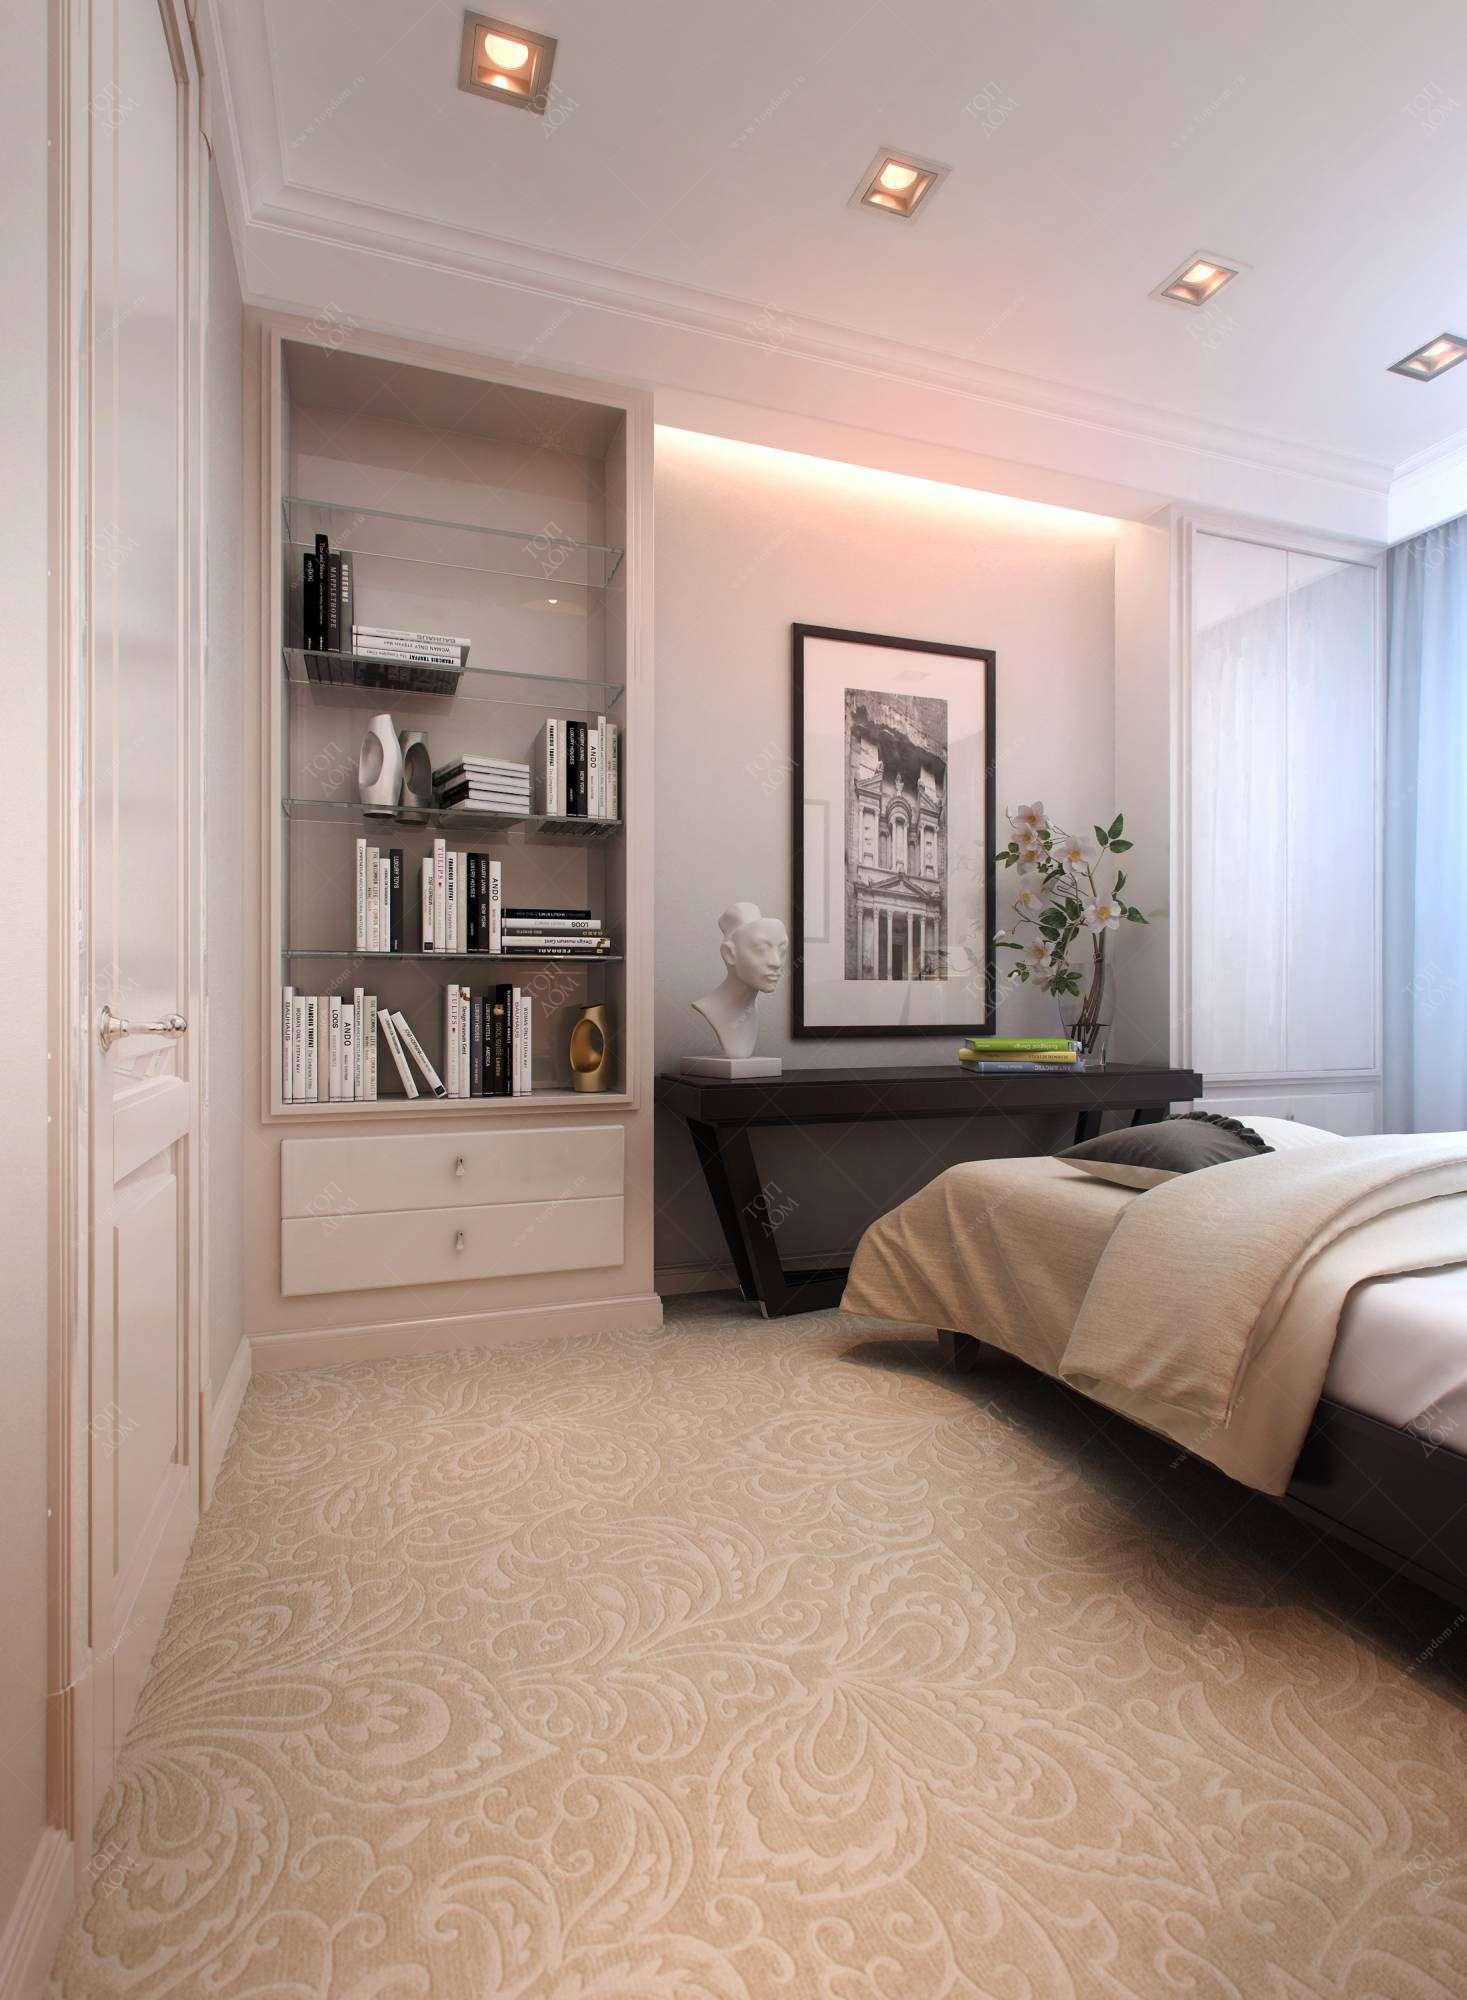 Фото дизайна интерьера спальни в